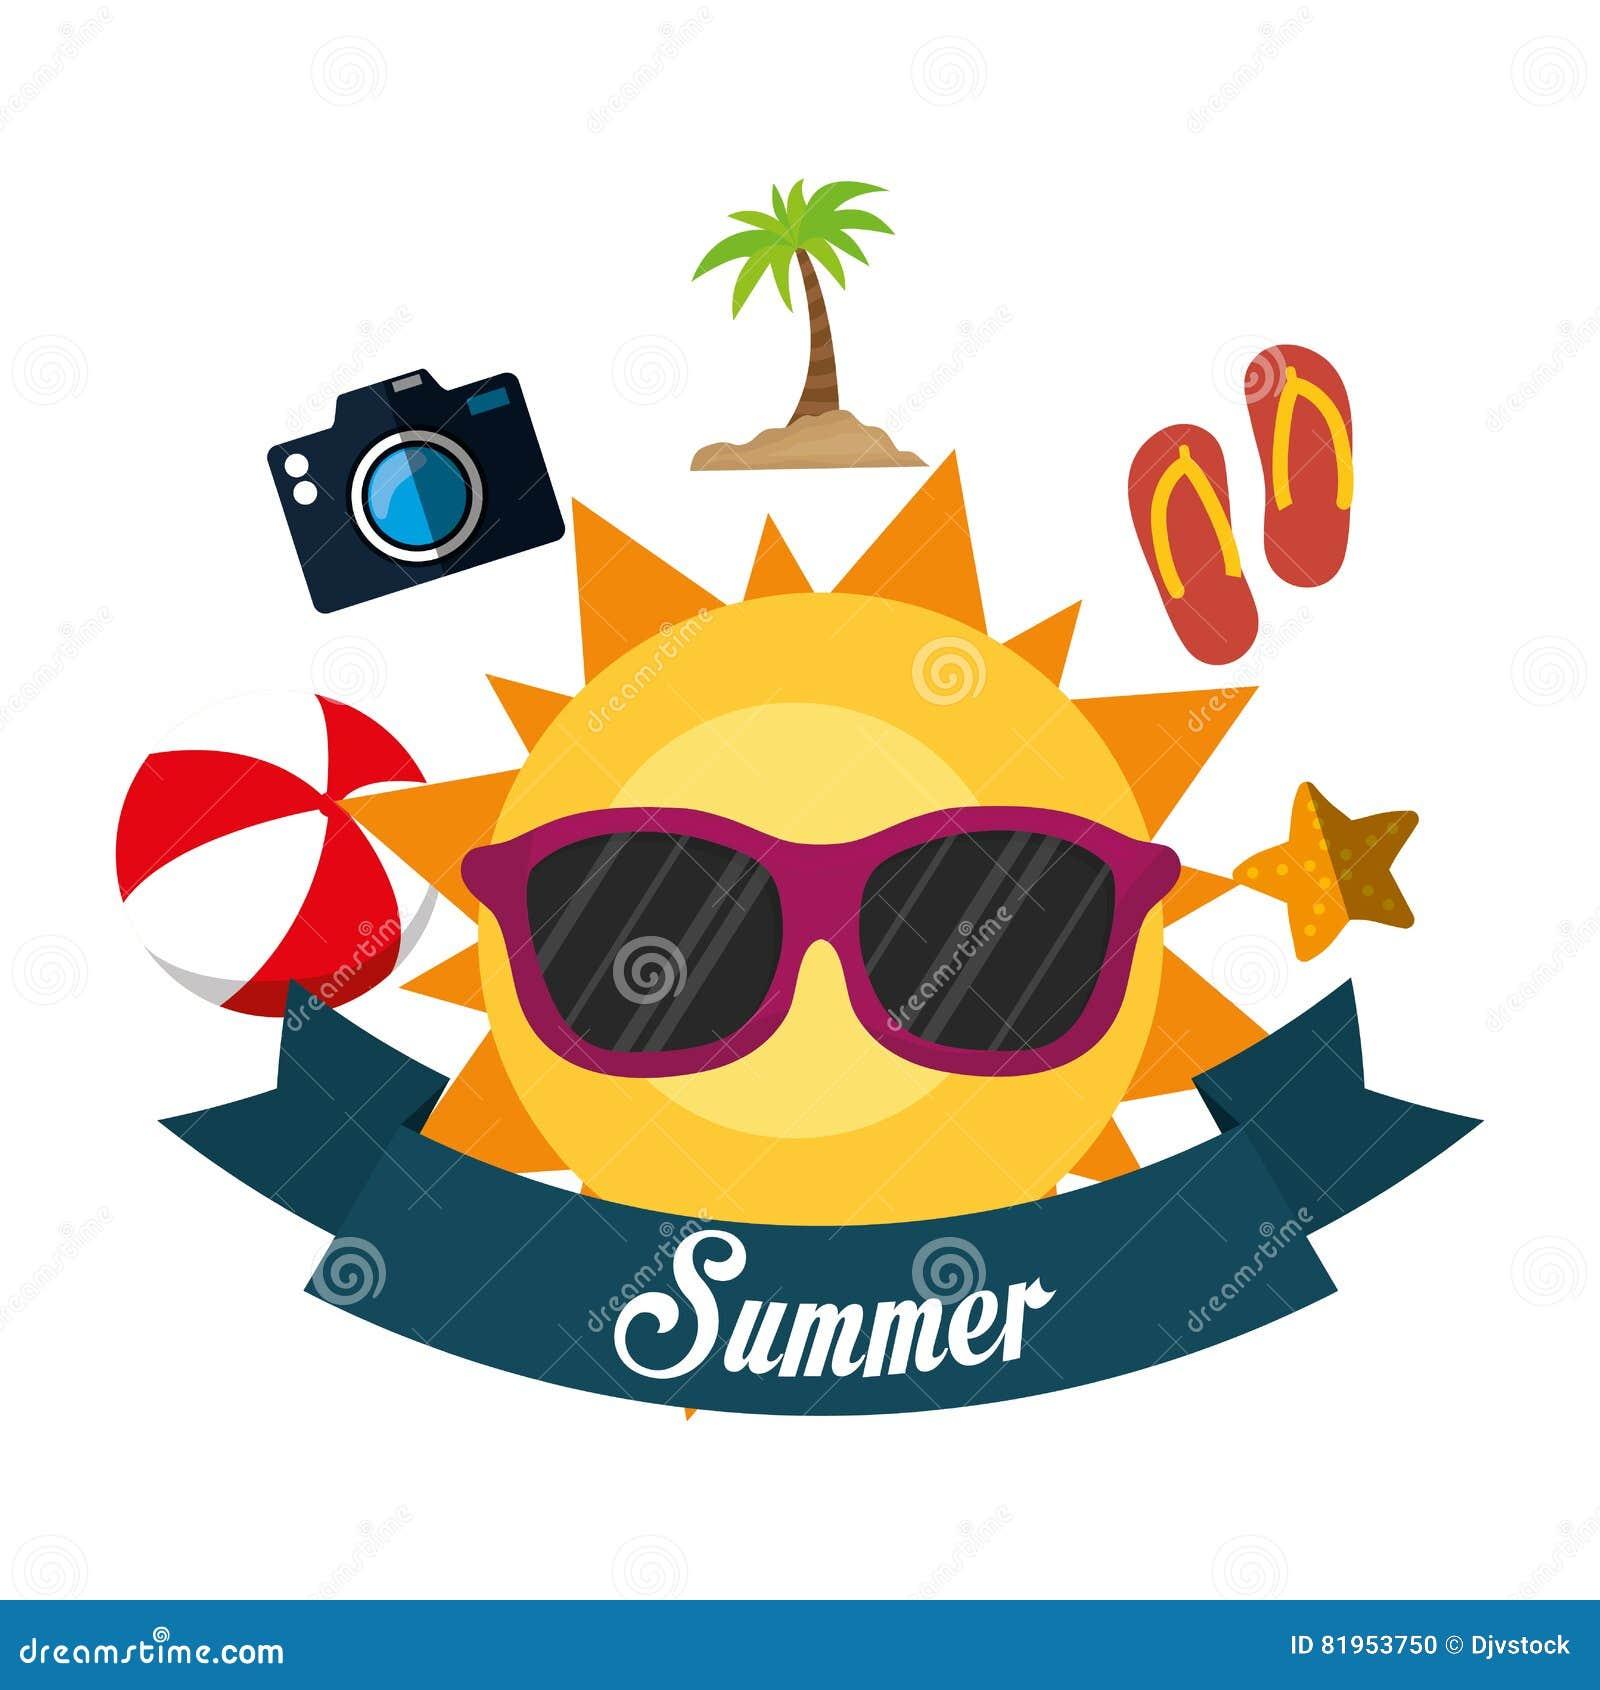 poster summer fun sun glasses ball flip flop camera banner